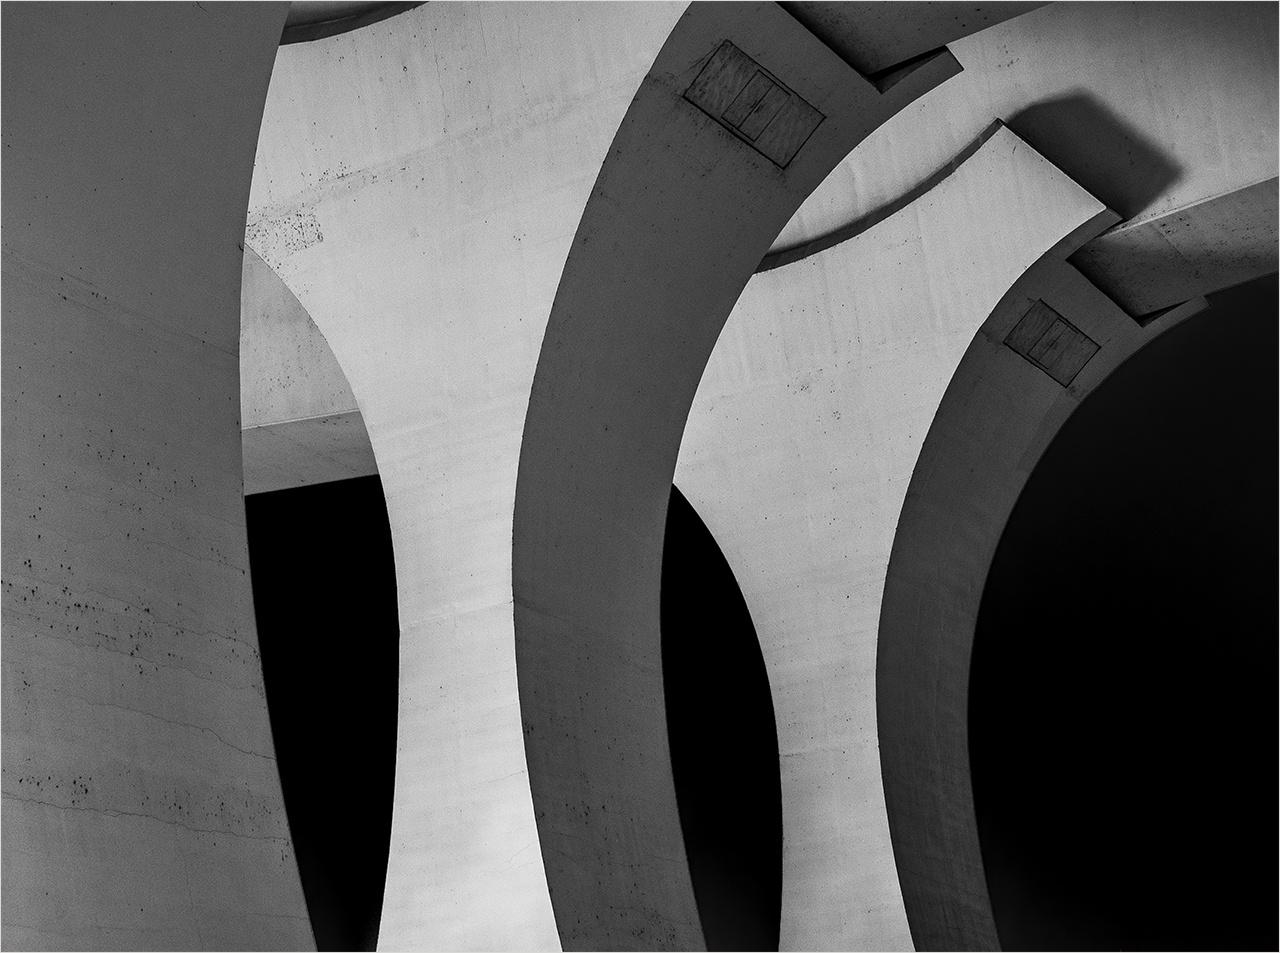 Honorable Mention - Bridge Piers - Pat Boudreau - North Metro Photo Club